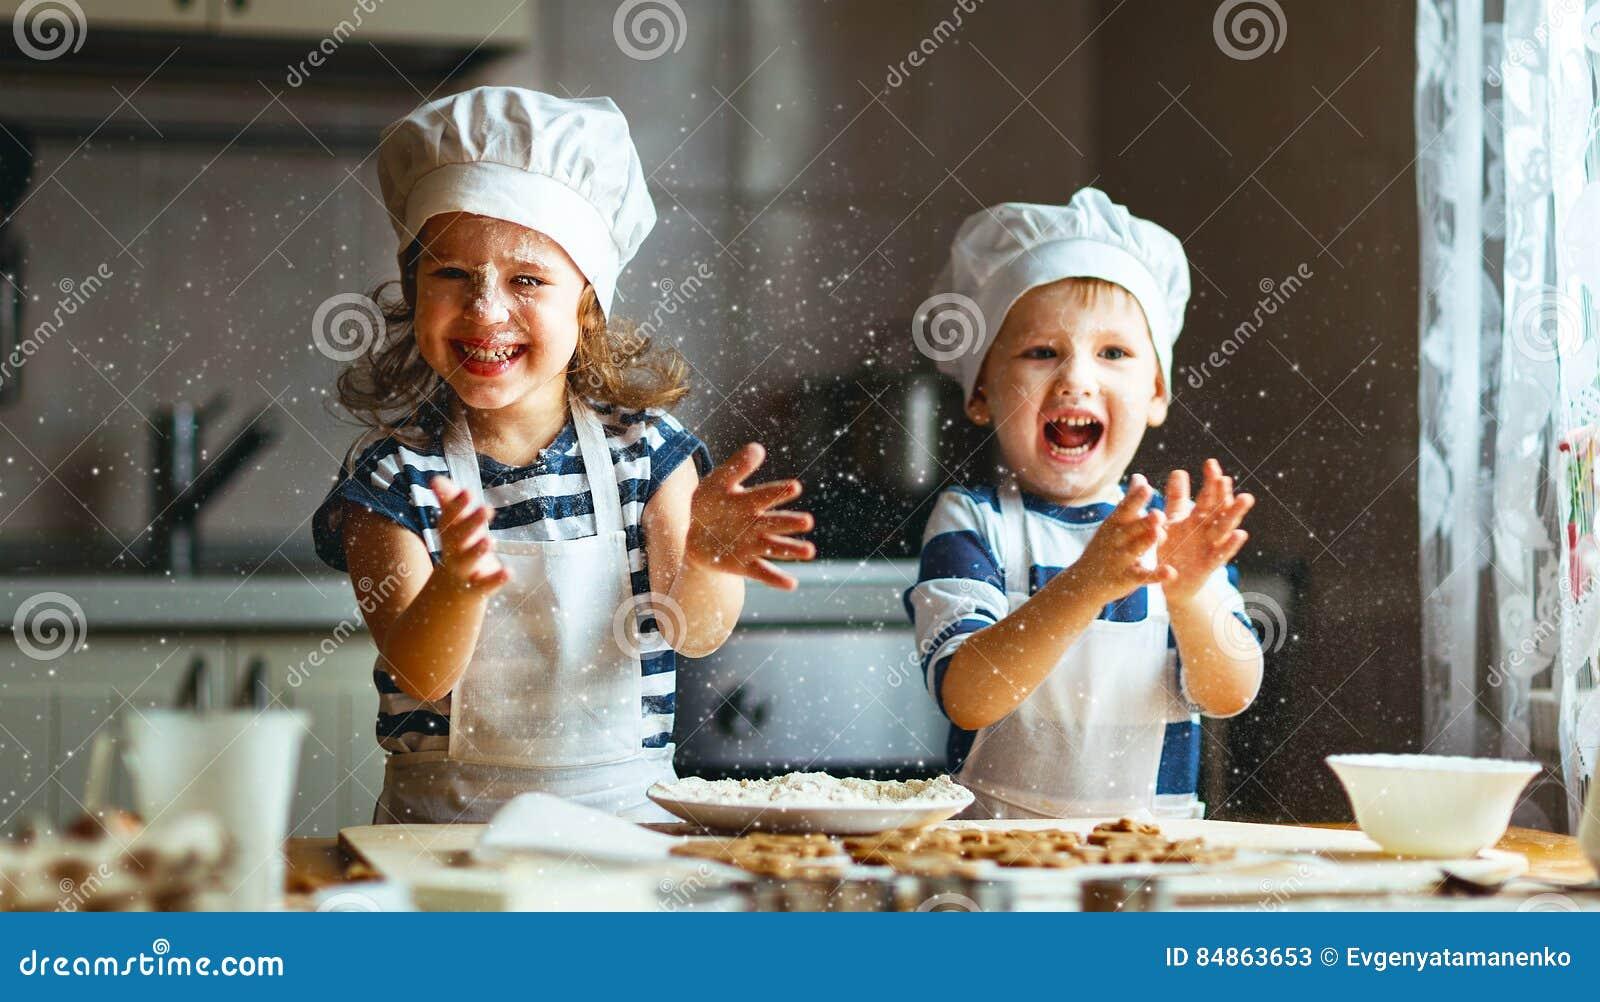 Ganz und zu Extrem Lustige Kinder Der Glücklichen Familie Backen Plätzchen In Der &OZ_44